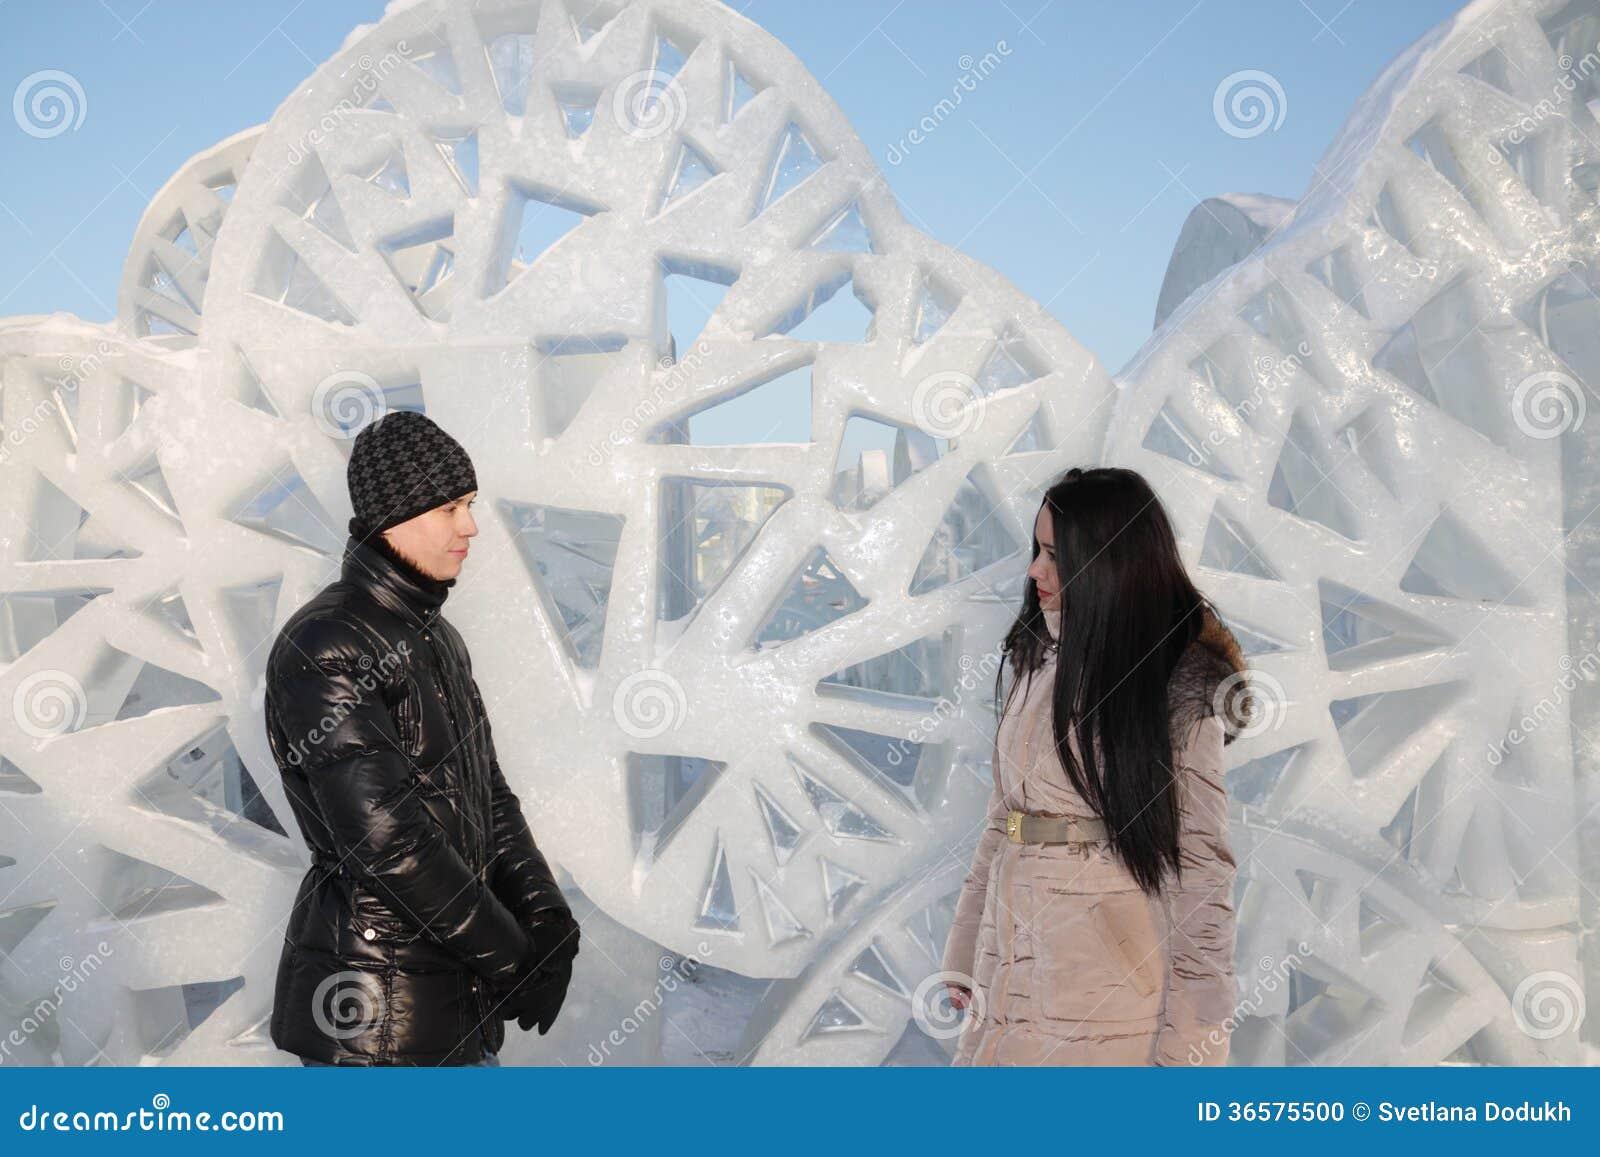 Le garçon et la fille tiennent le mur proche de glace avec les trous triangulaires